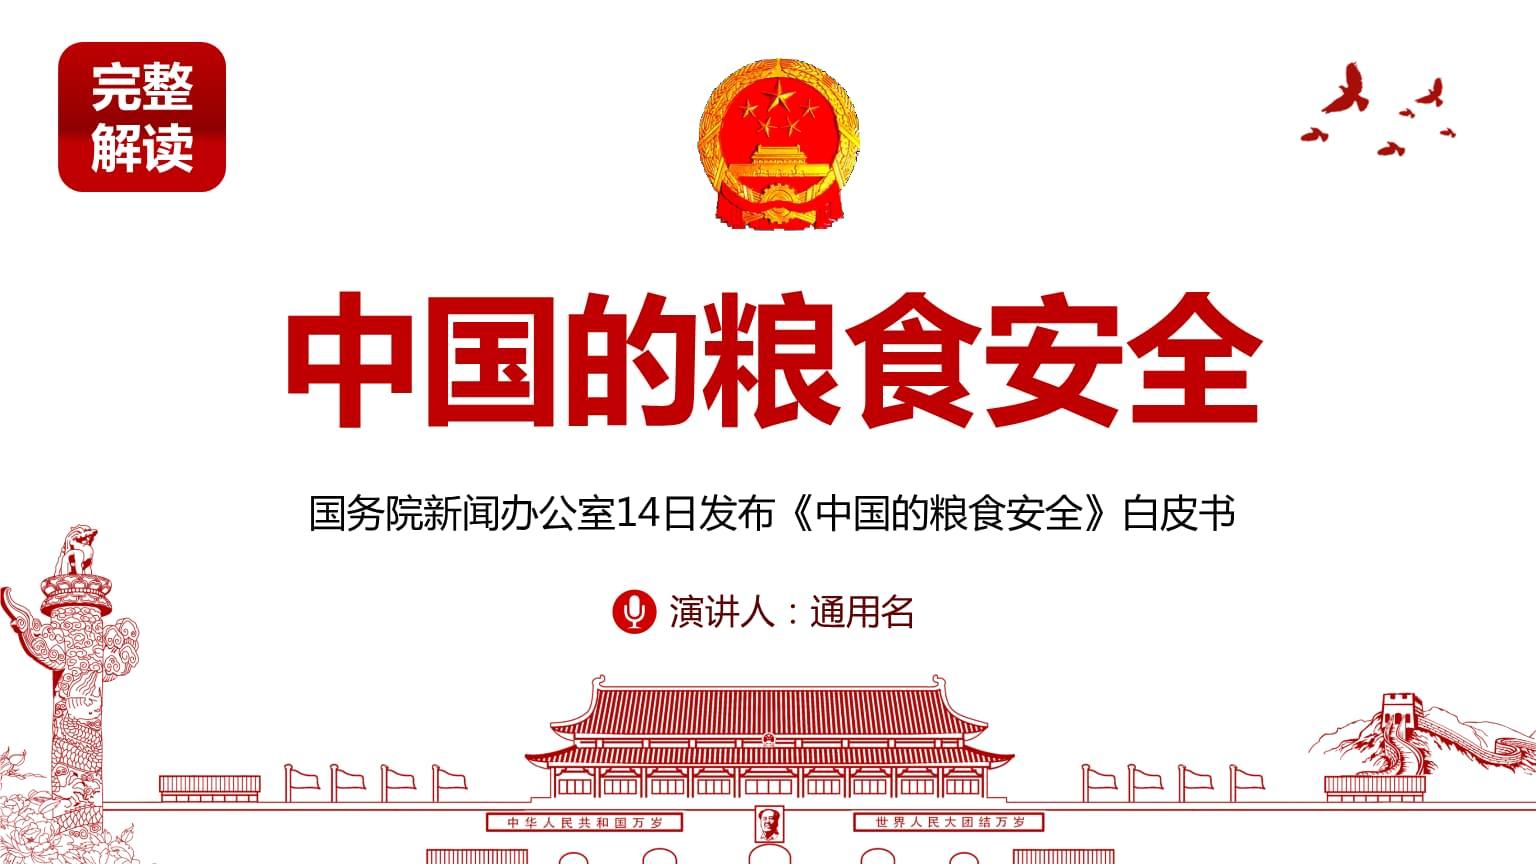 《中国的粮食安全》白皮书学习精讲解读PPT模板.pptx